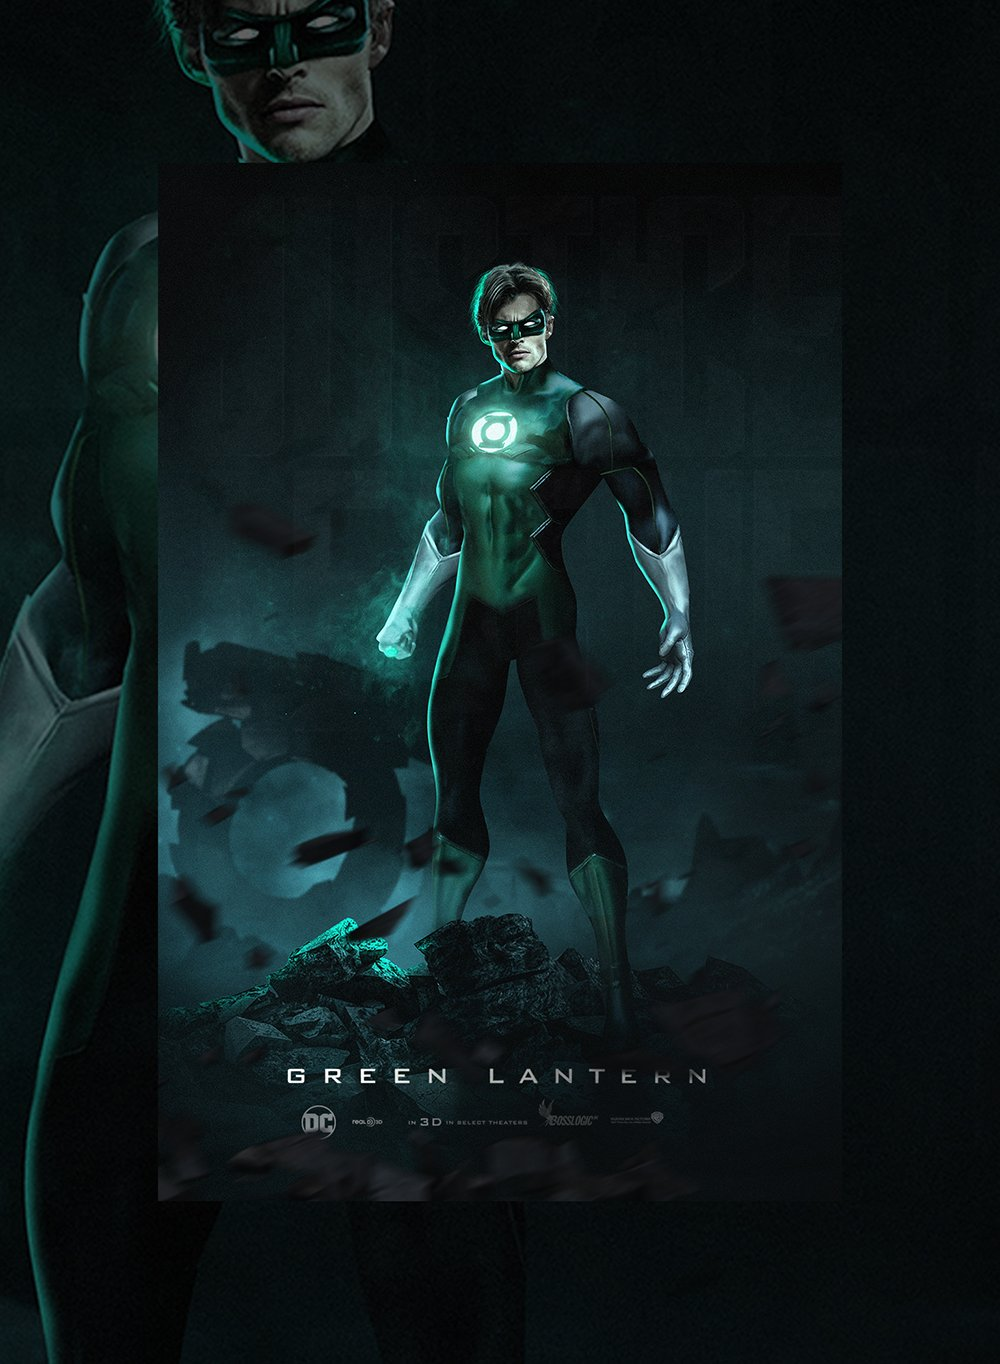 James Marsden Green Lantern fan art